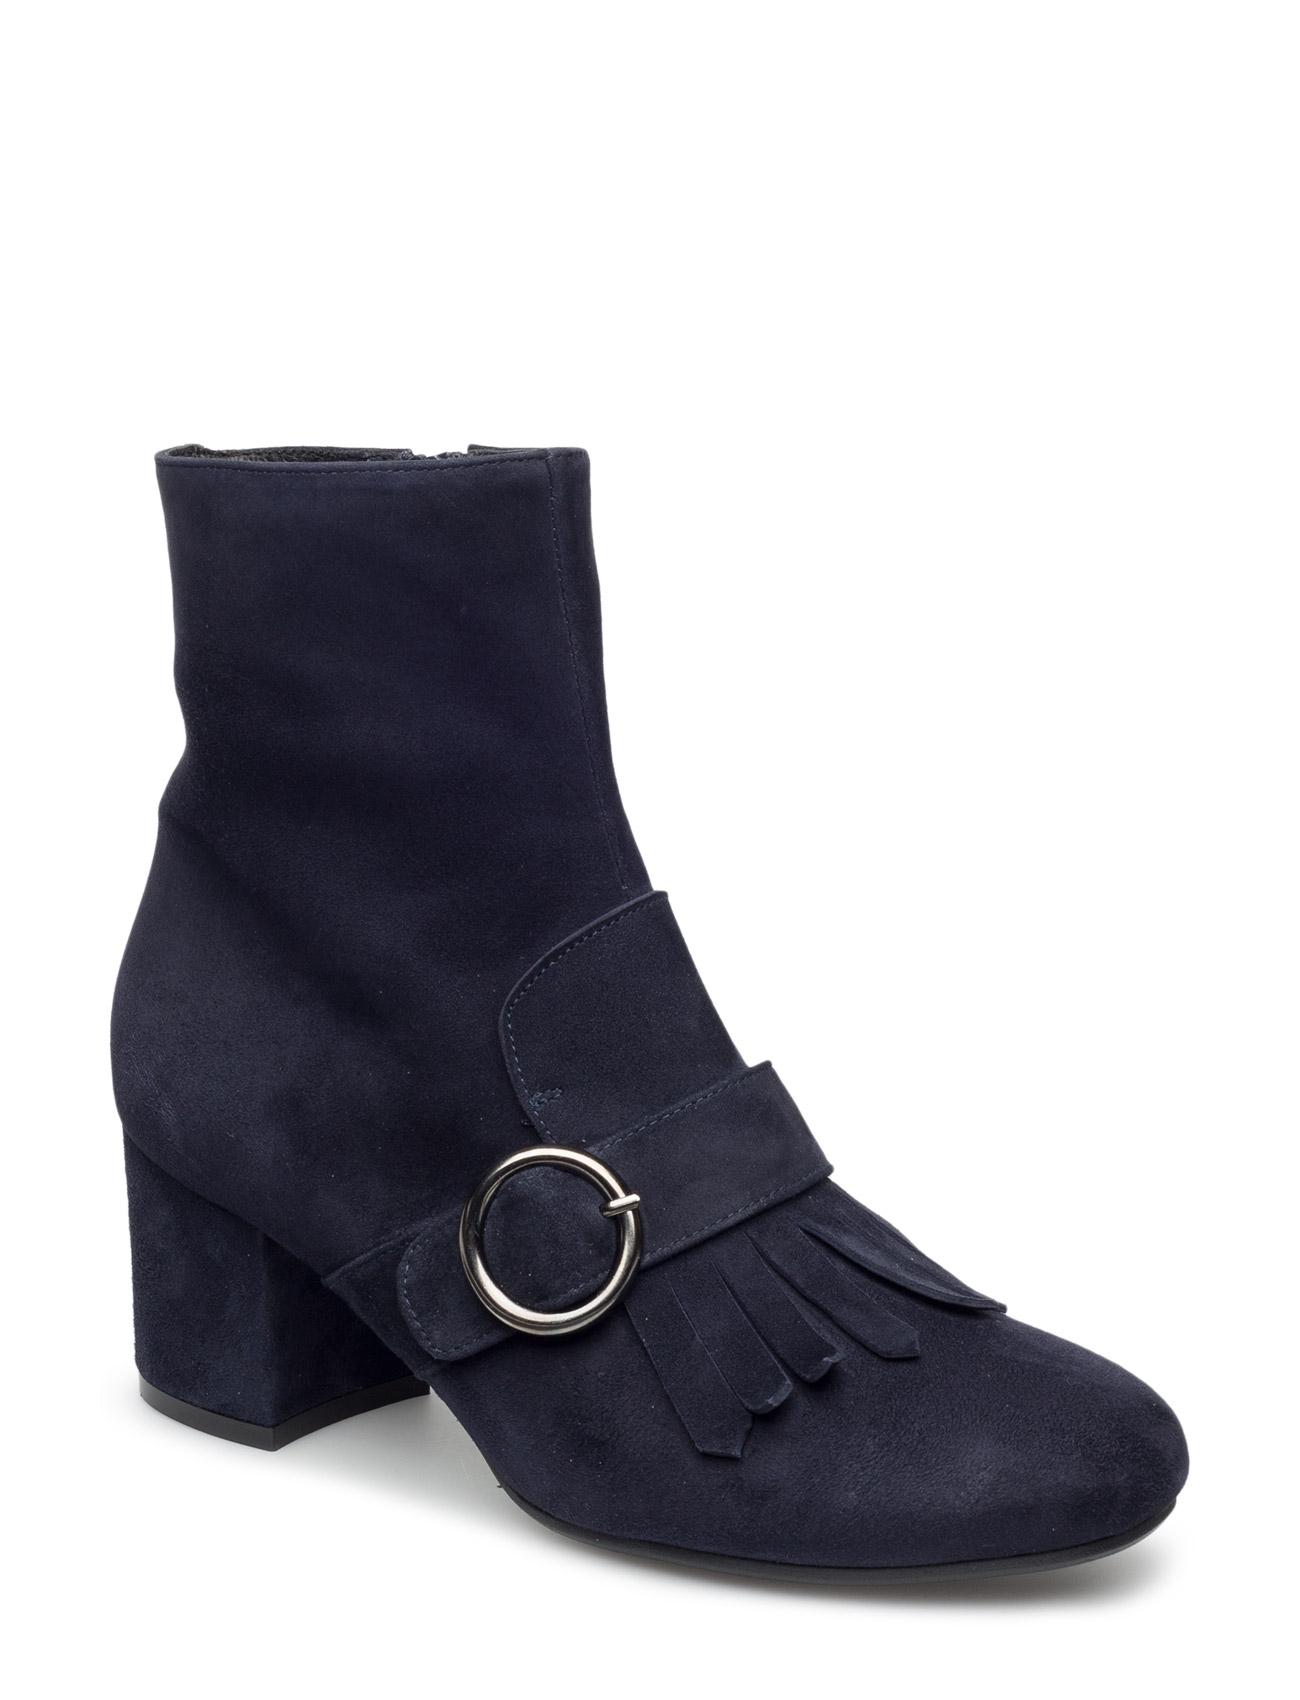 Boots Billi Bi Støvler til Kvinder i Sort Babysilk Suede 500